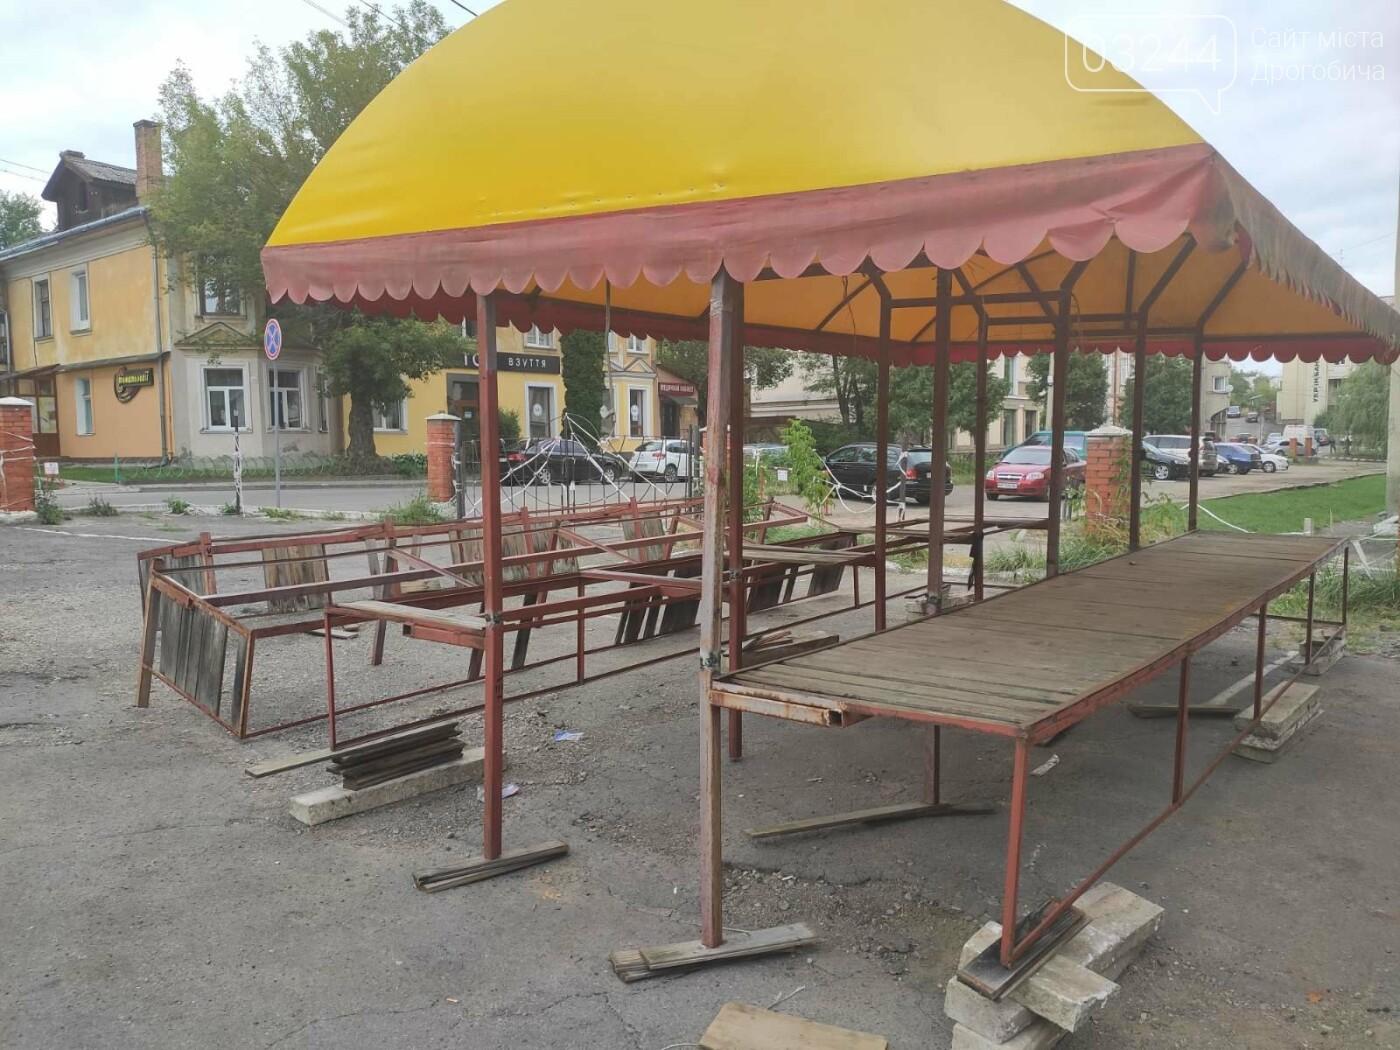 Ні - стихійній торгівлі! У Дрогобичі облаштують новий ринок, куди хочуть перенести торгівлю з під «Прометею», фото-7